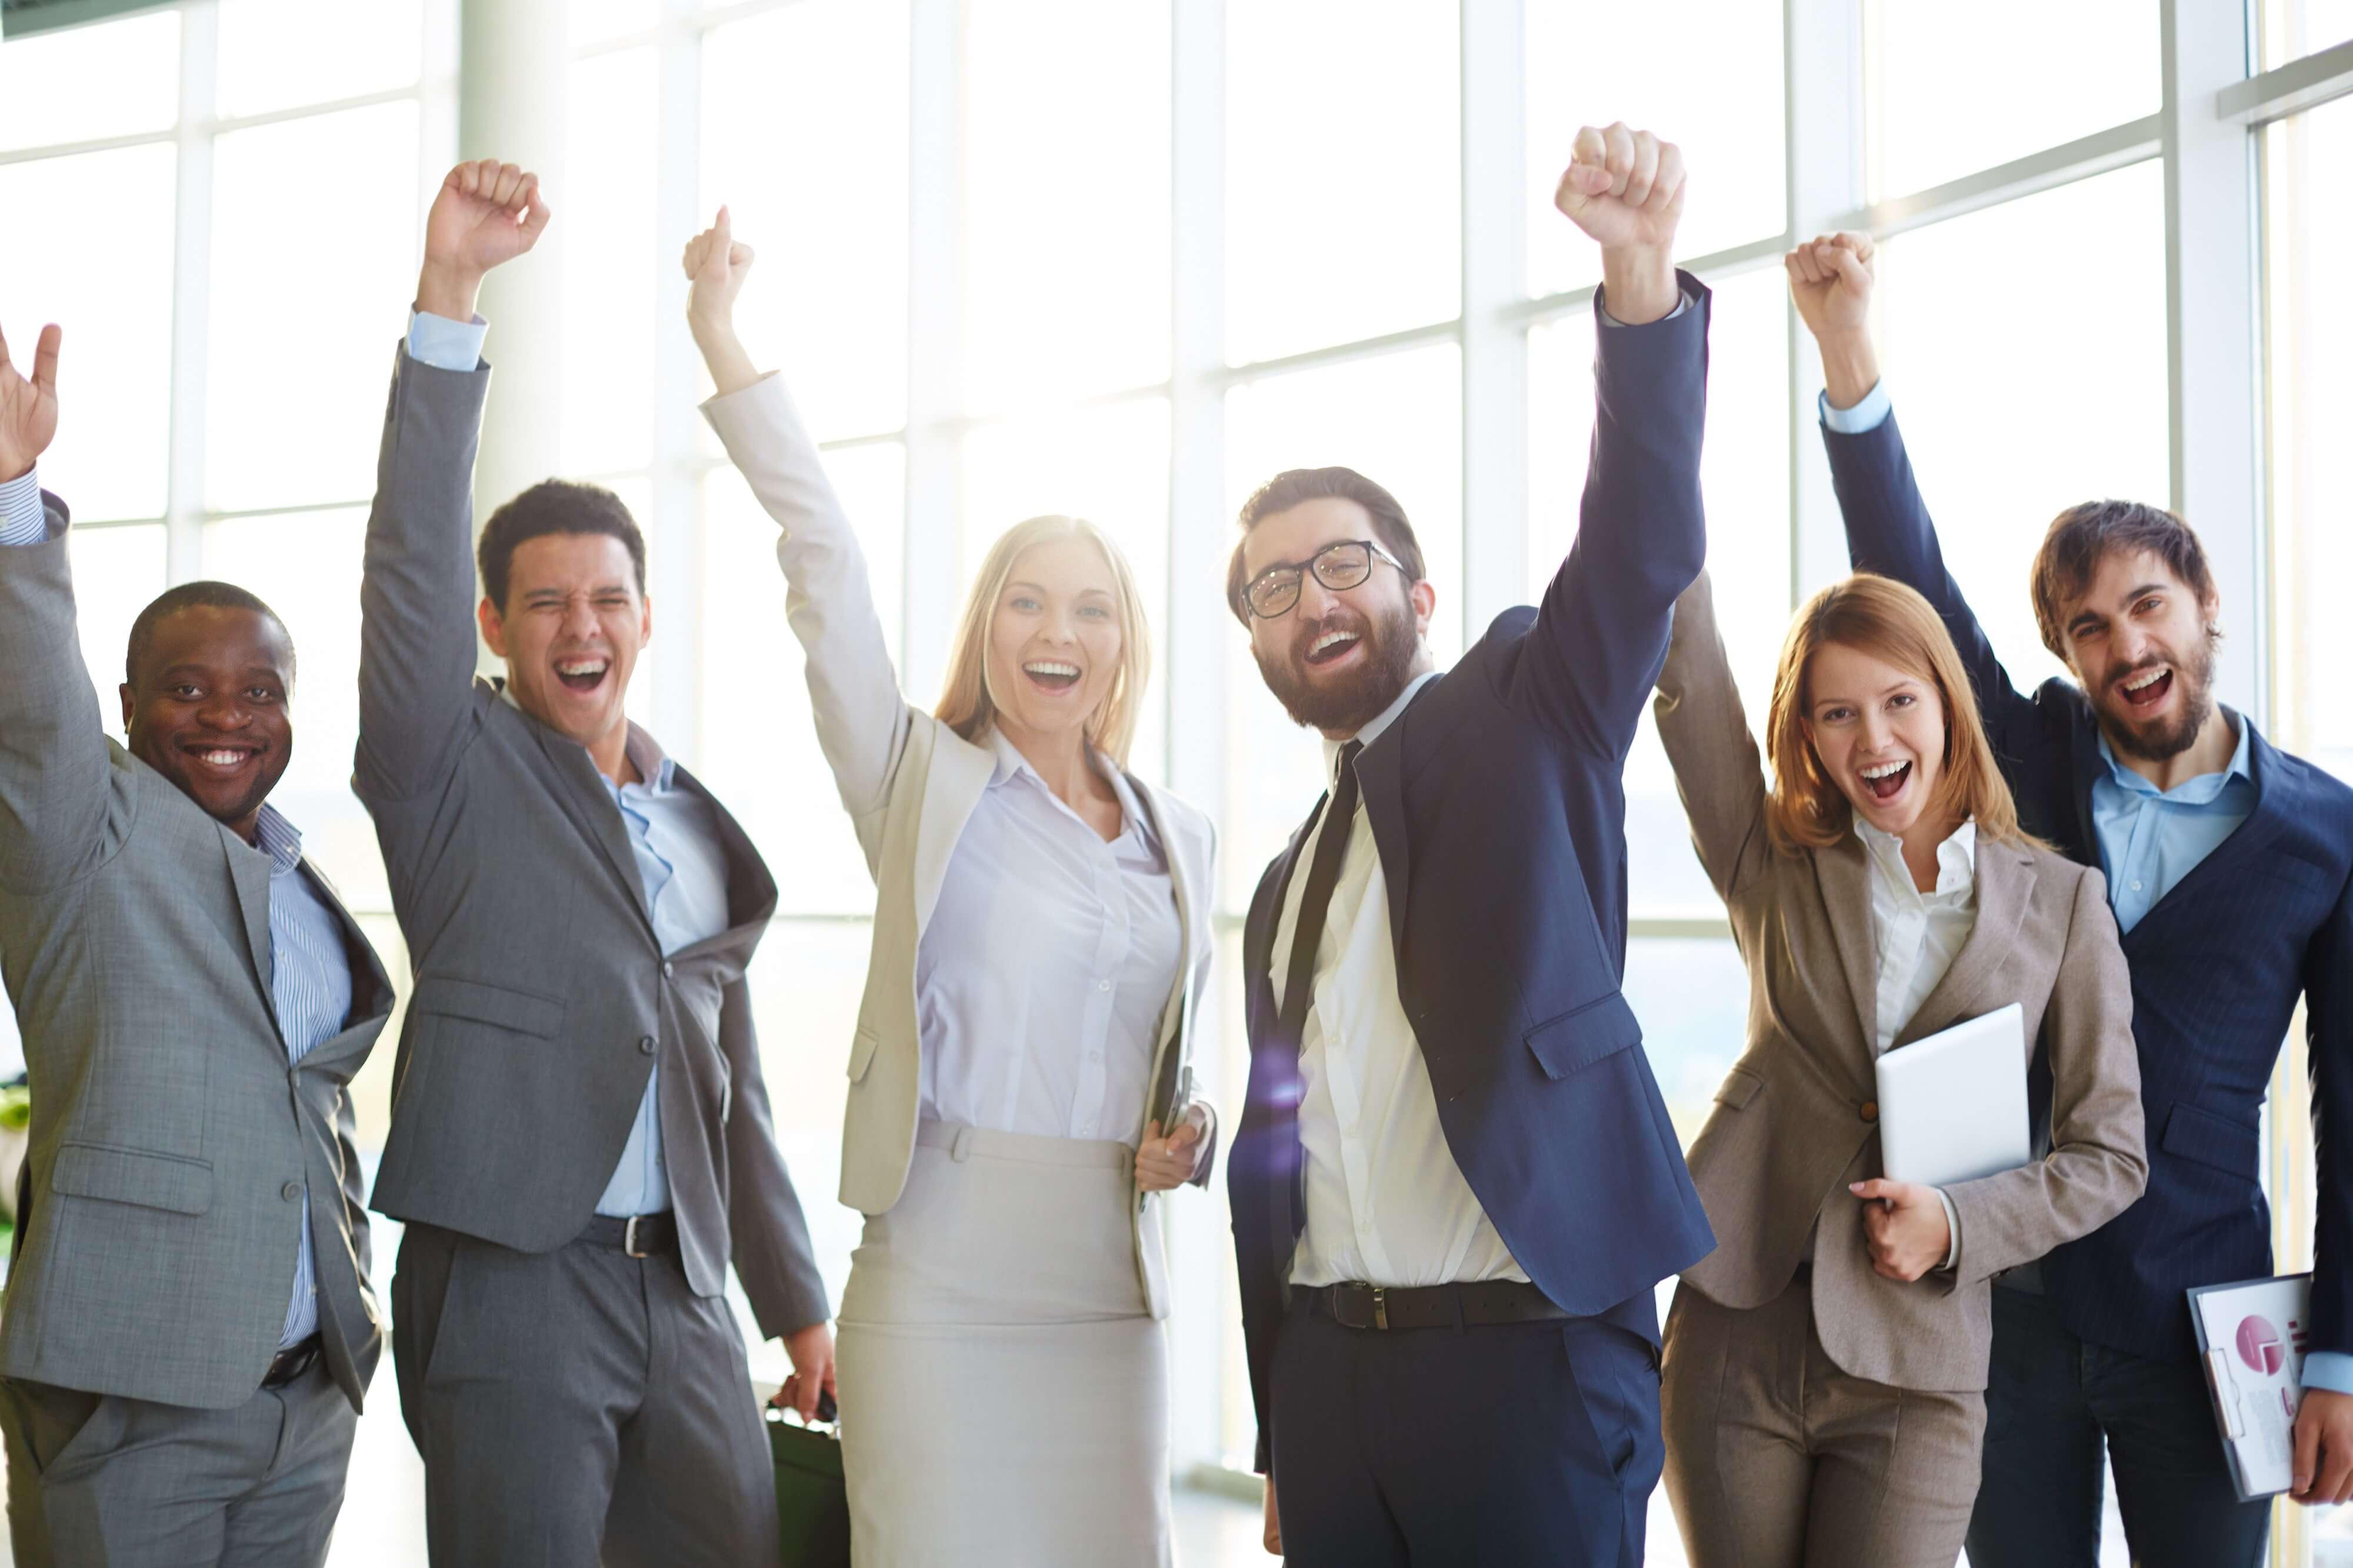 Lakukan 10 Cara Ini Pada Bisnis Jika Ingin Sukses Di Usia Muda